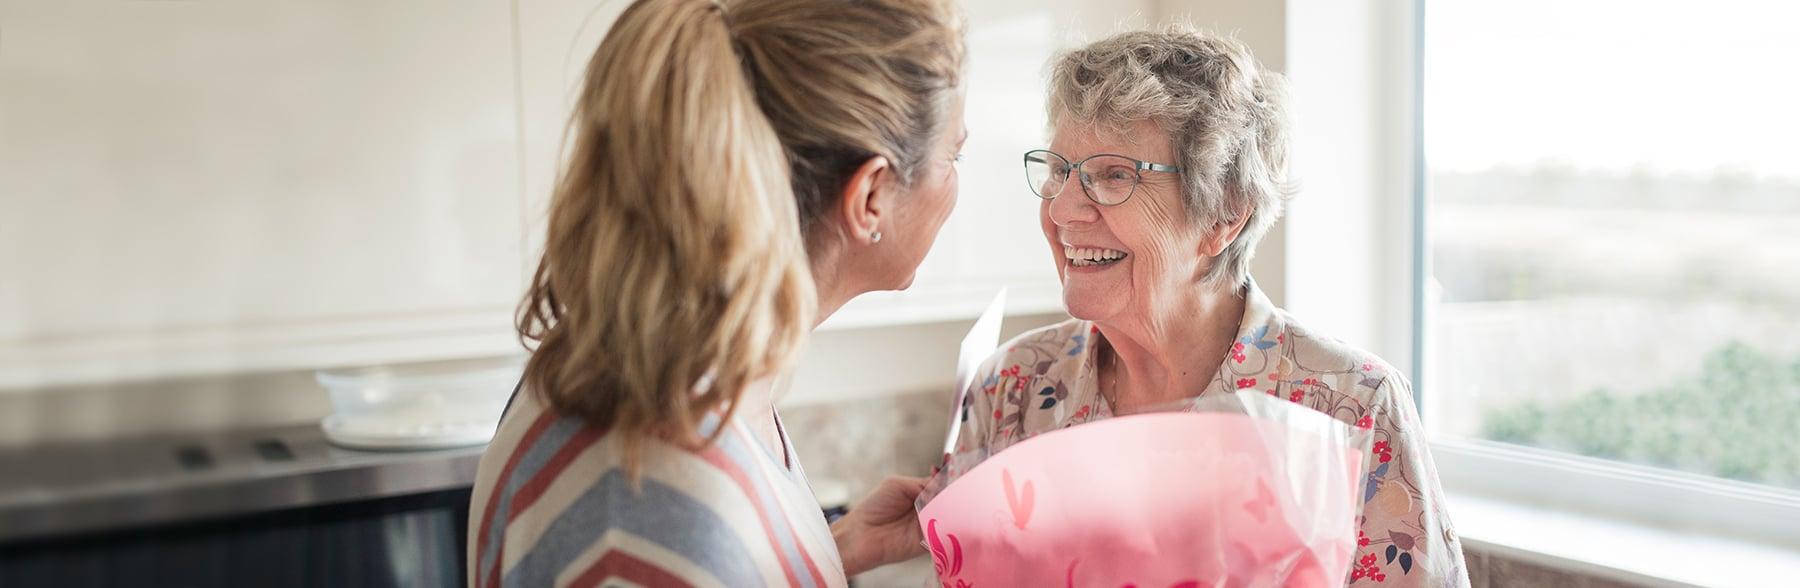 Caregiver bringing flowers to senior client